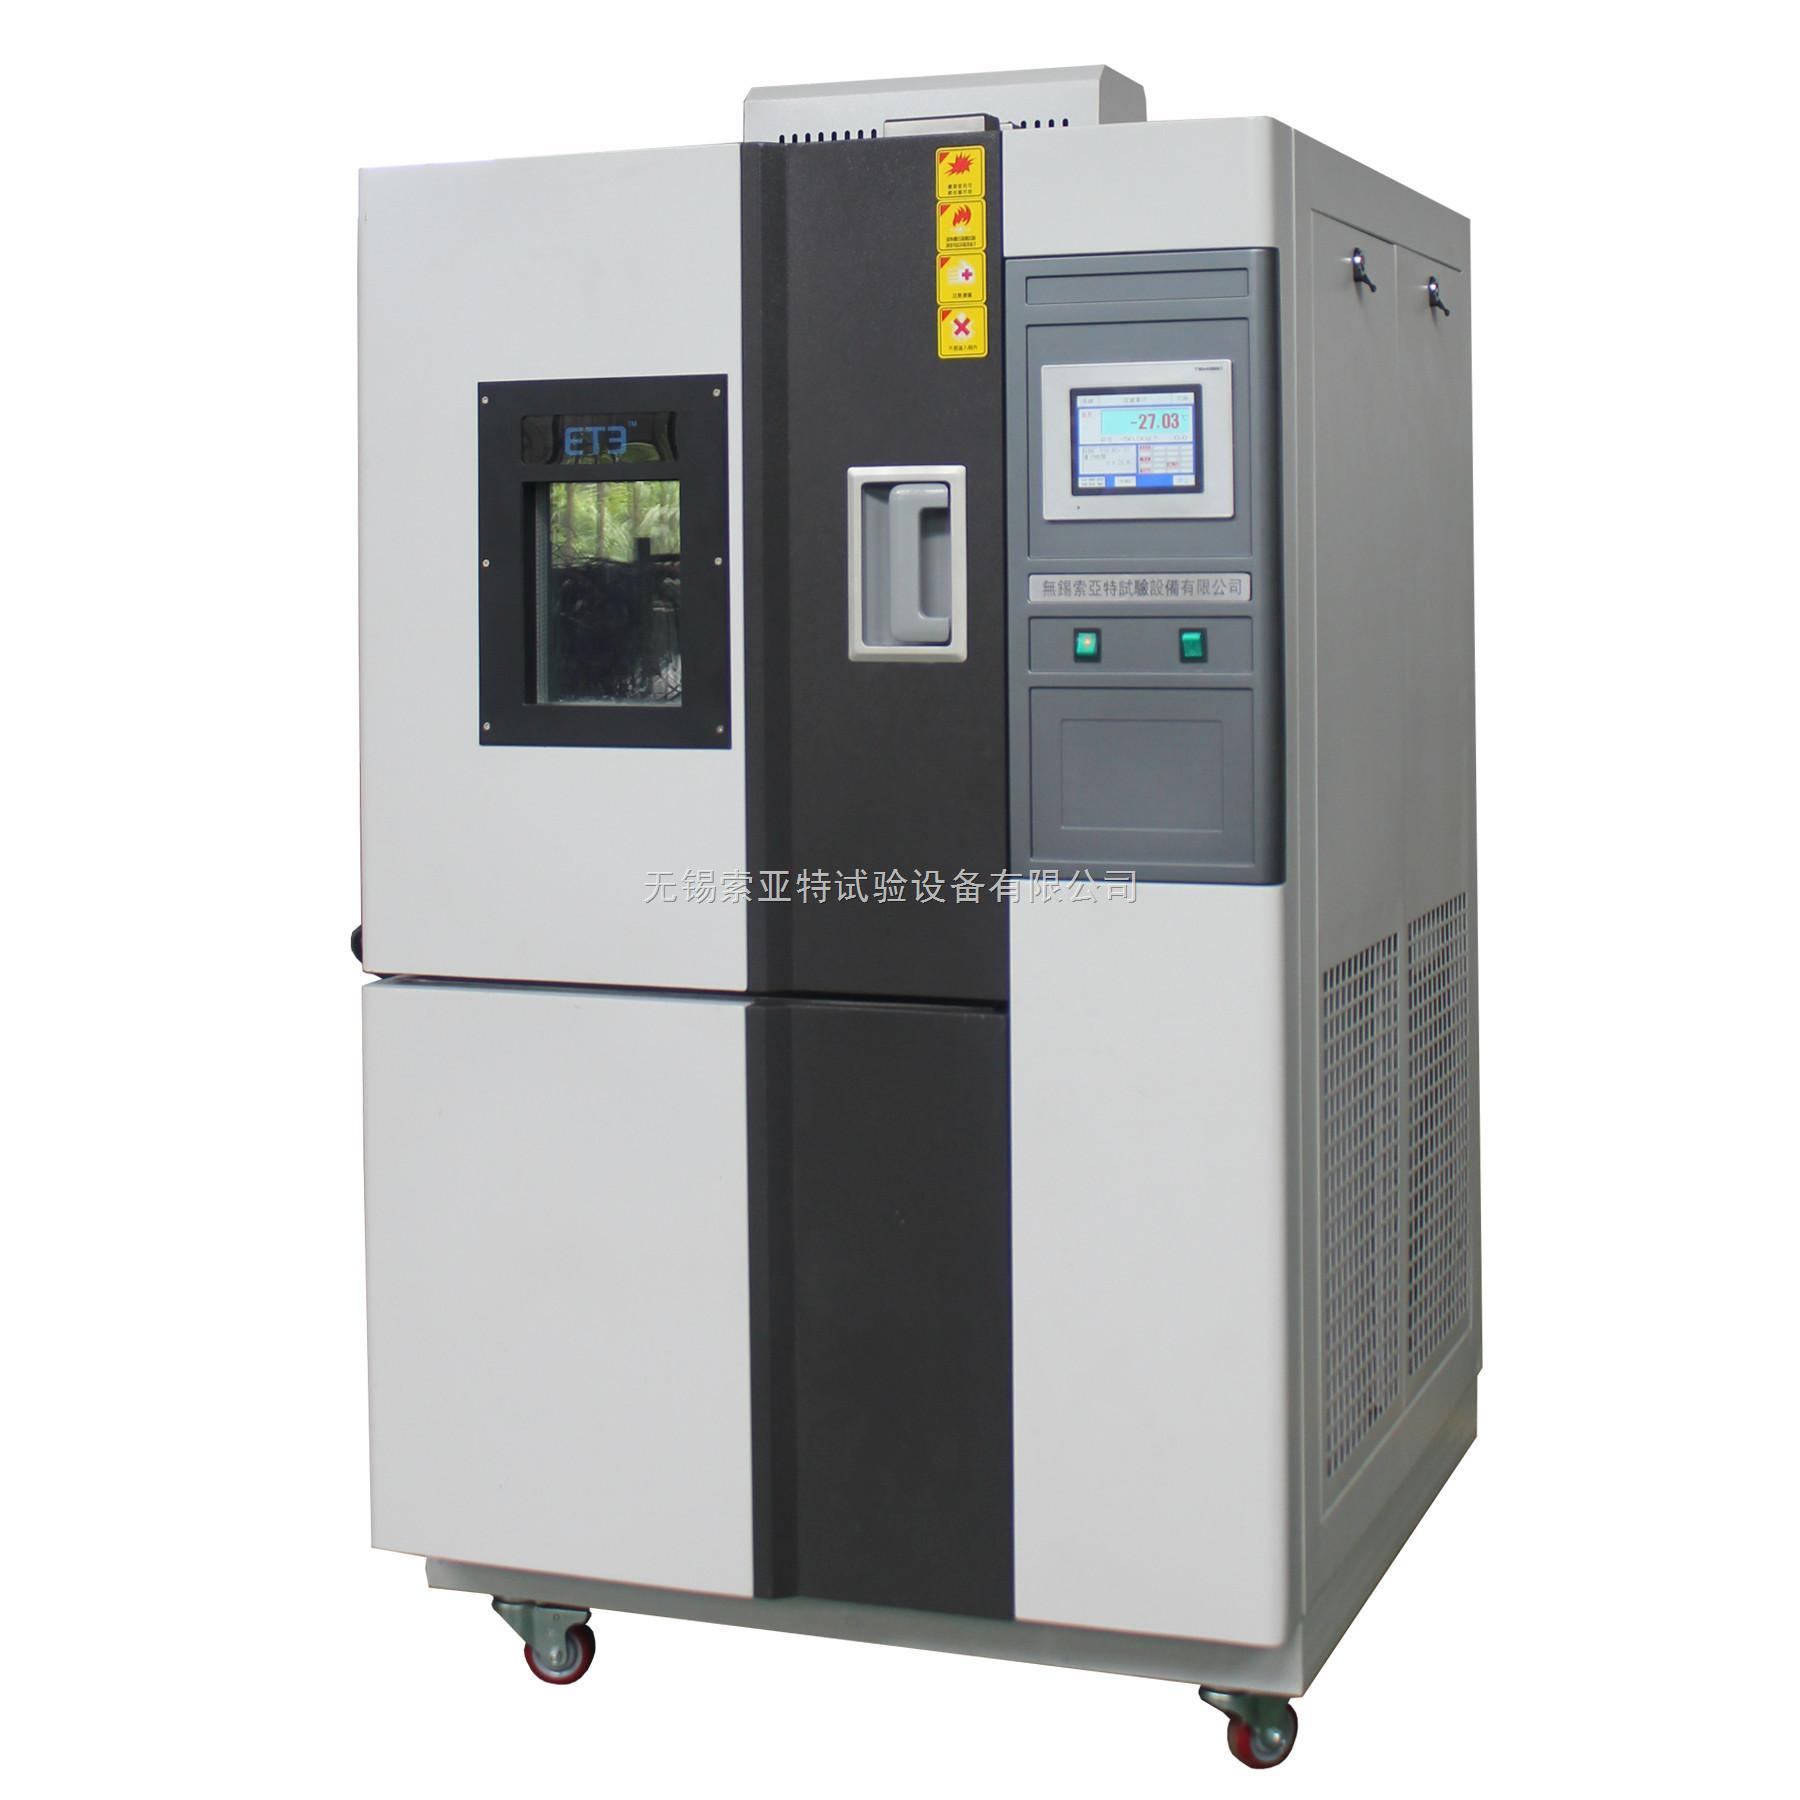 二箱式高低温冲击试验箱生产厂家